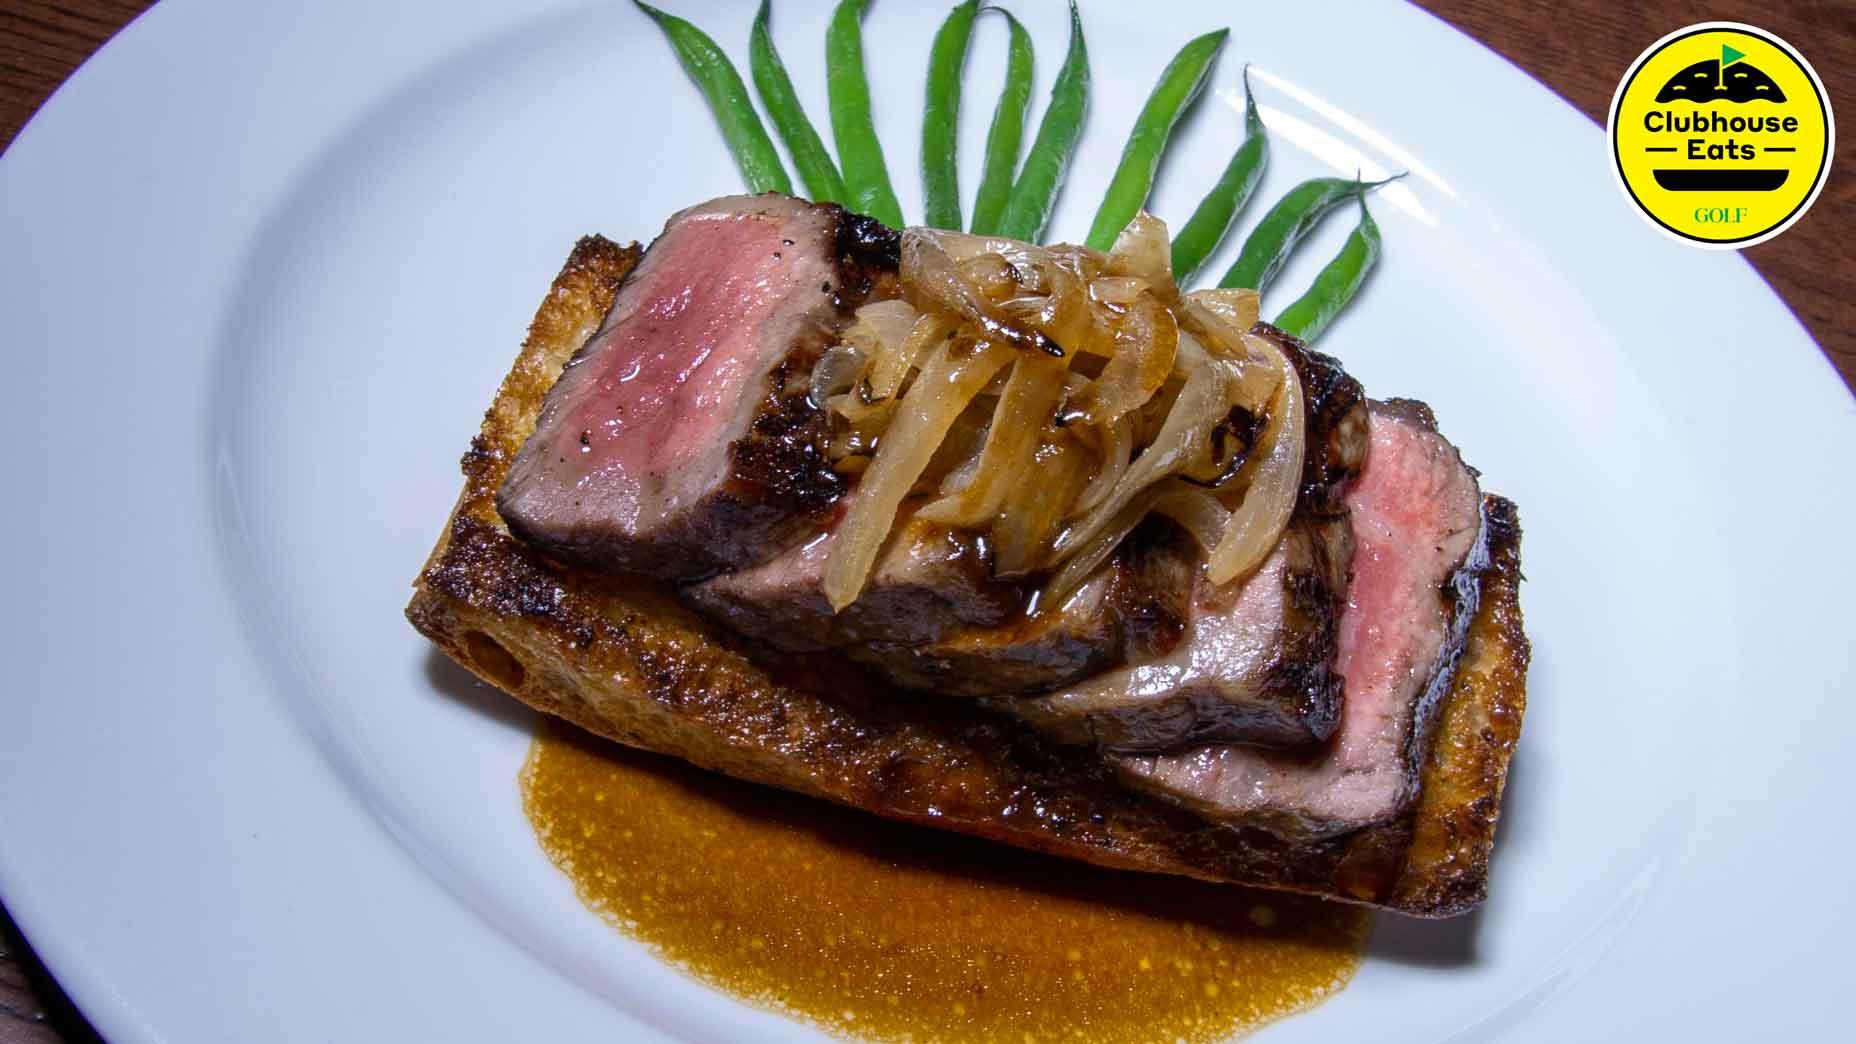 Baltusrol's popular steak sandwich on a plate